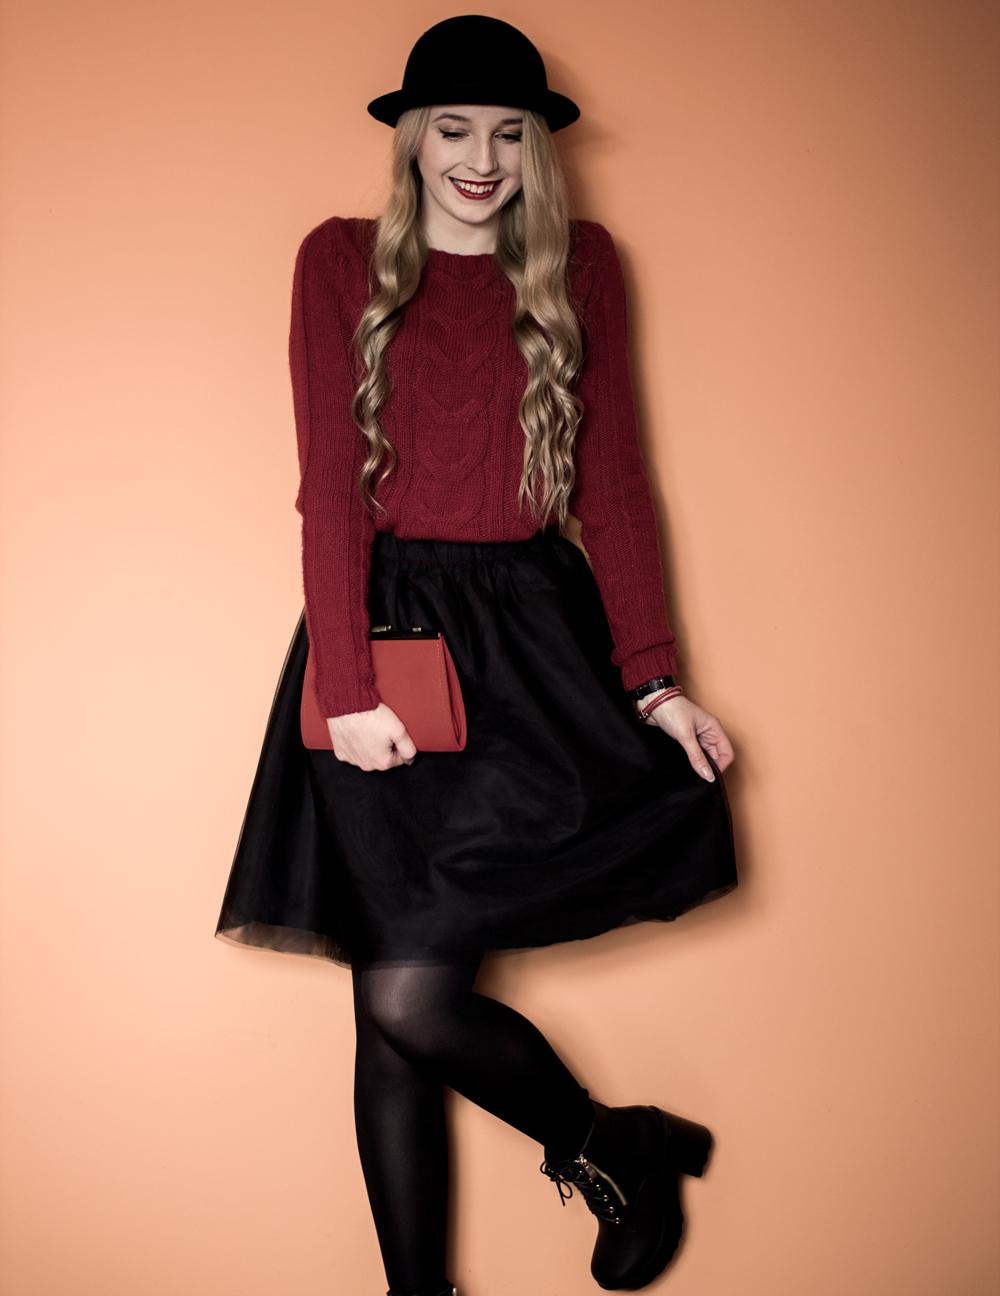 blond kręcone włosy blog modowy uśmiech czerwona szminka pajacyk pah stylizacja spódniczka tiulowa czarna house kapelusz lemoniq sweter z warkoczem botki na słupku elilu